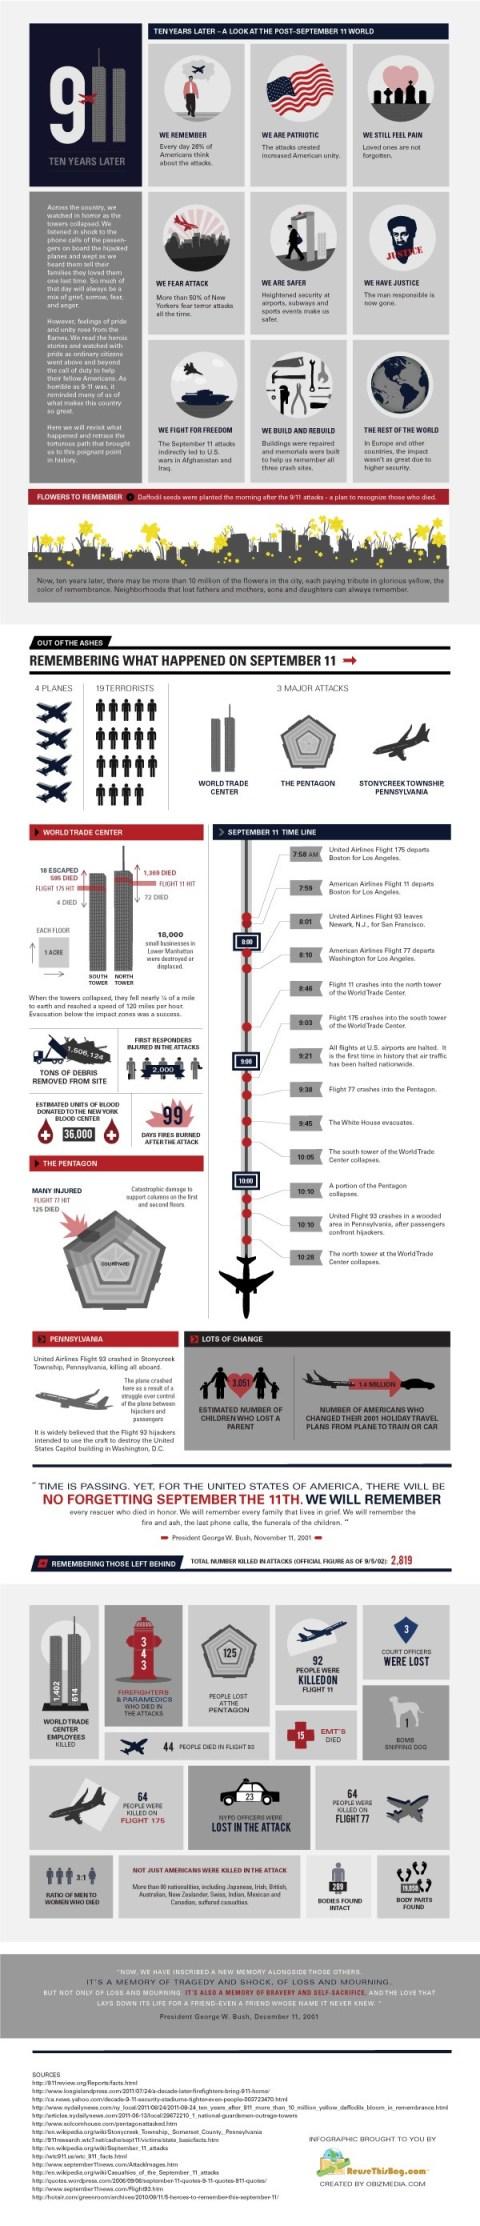 911 September 11 World Trade Center